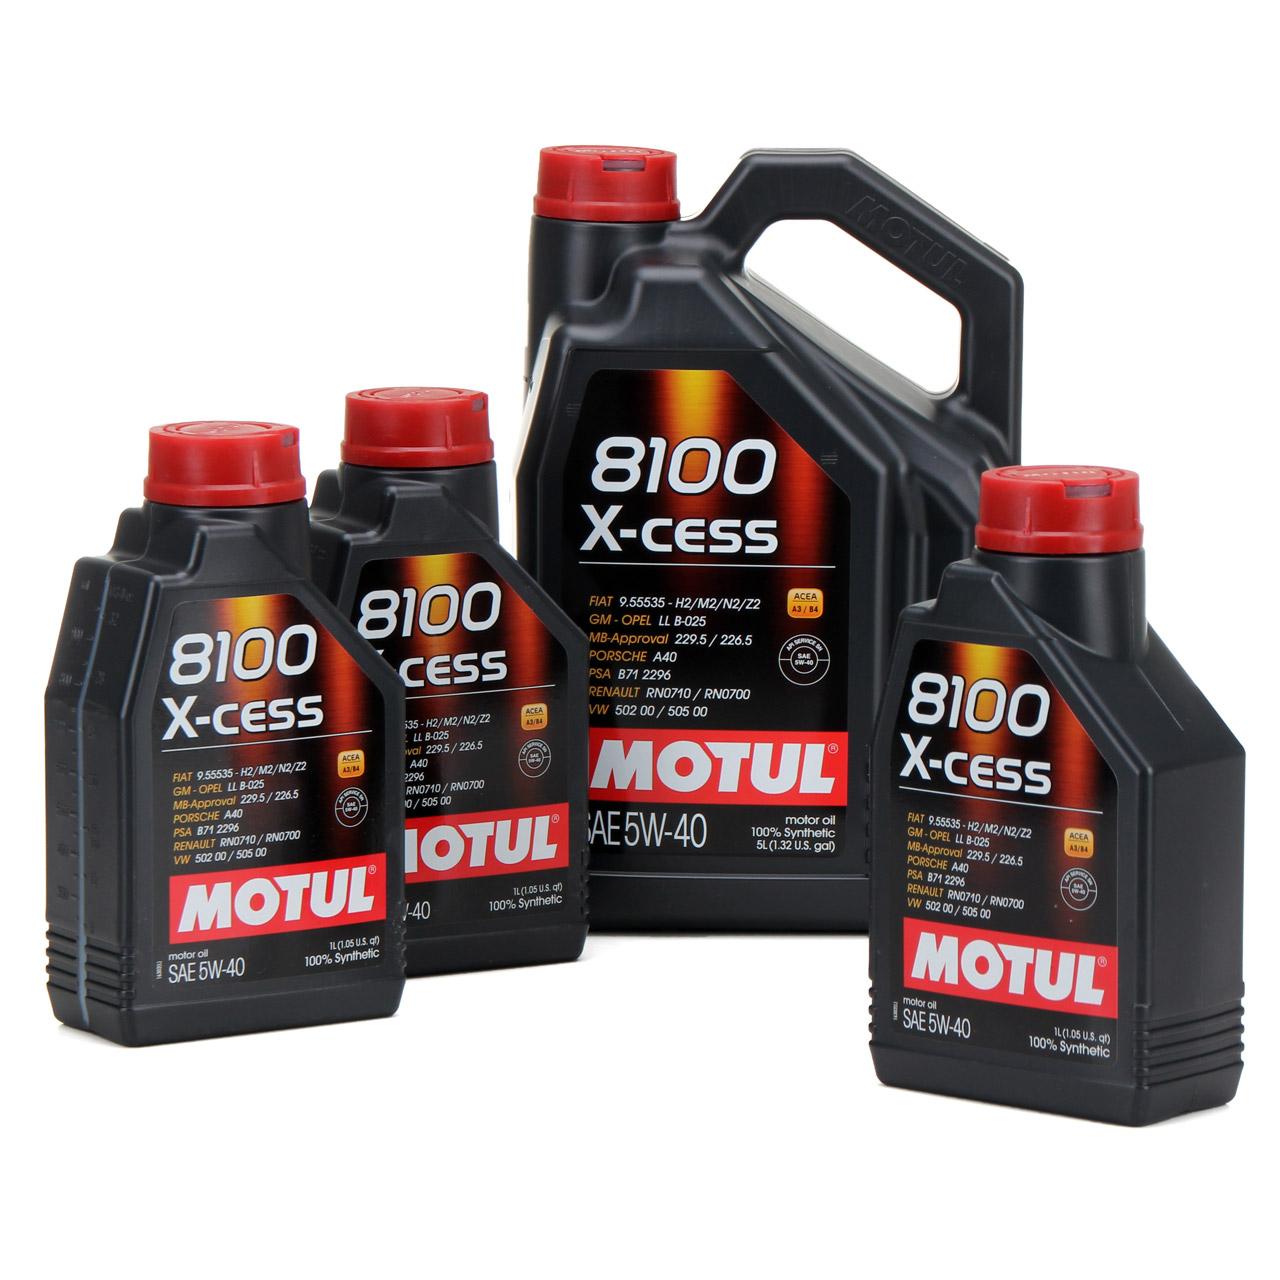 MOTUL 8100 X-cess Motoröl Öl 5W40 MB 229.5/226.5 VW 502.00/505.00 - 8L 8 Liter